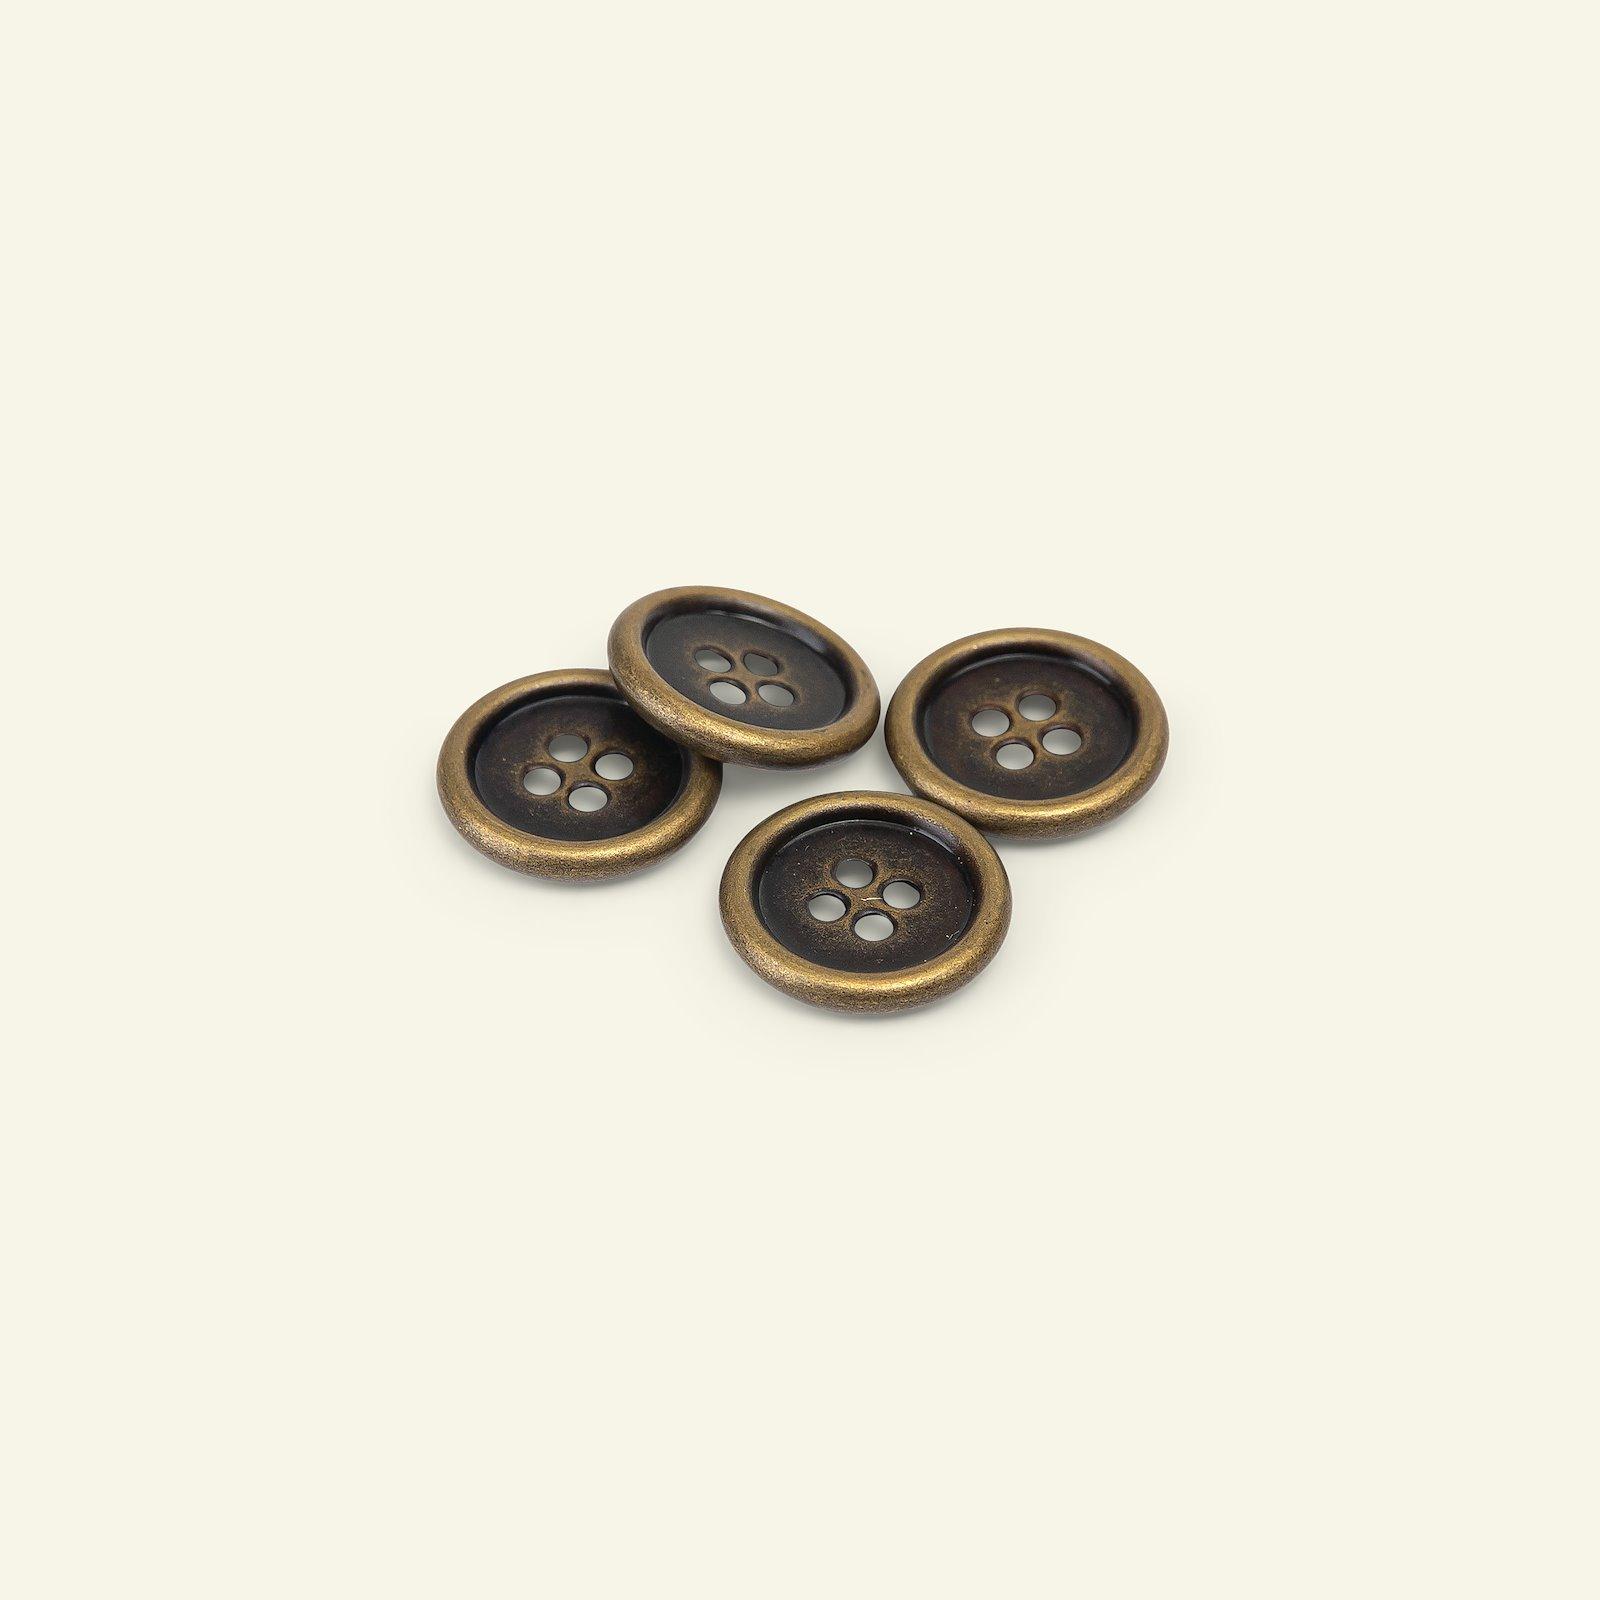 Button 4-holes metal gold rim 32mm 4pcs 33526_pack